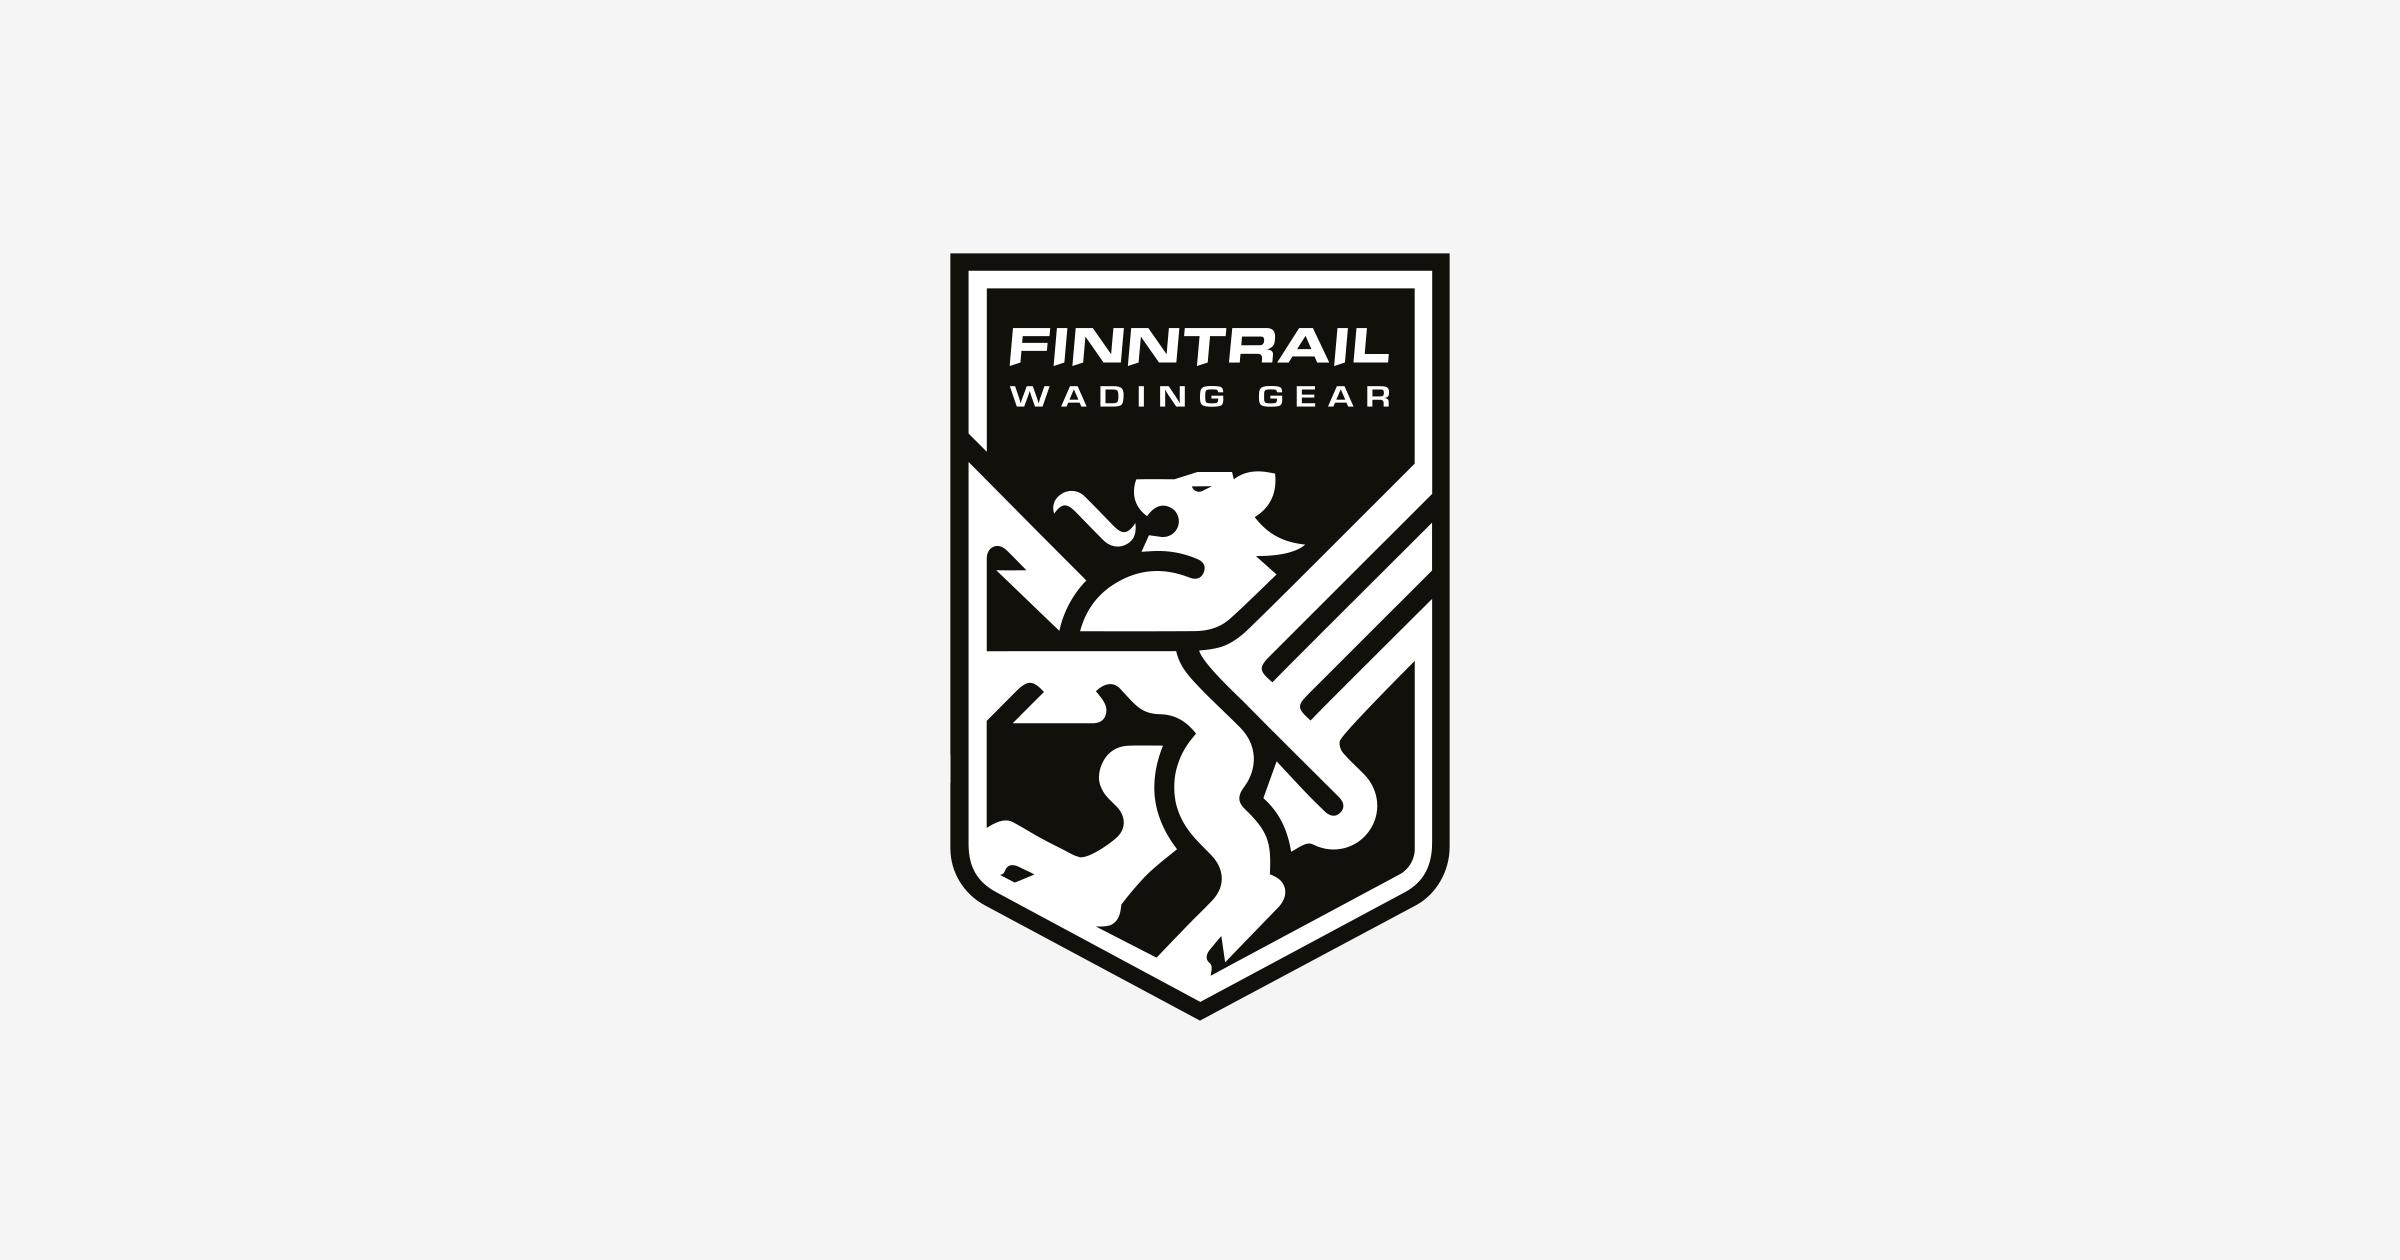 Комплекты Finntrail STREAM RED SET RED, купить в Москве, Санкт-Петербурге и РФ